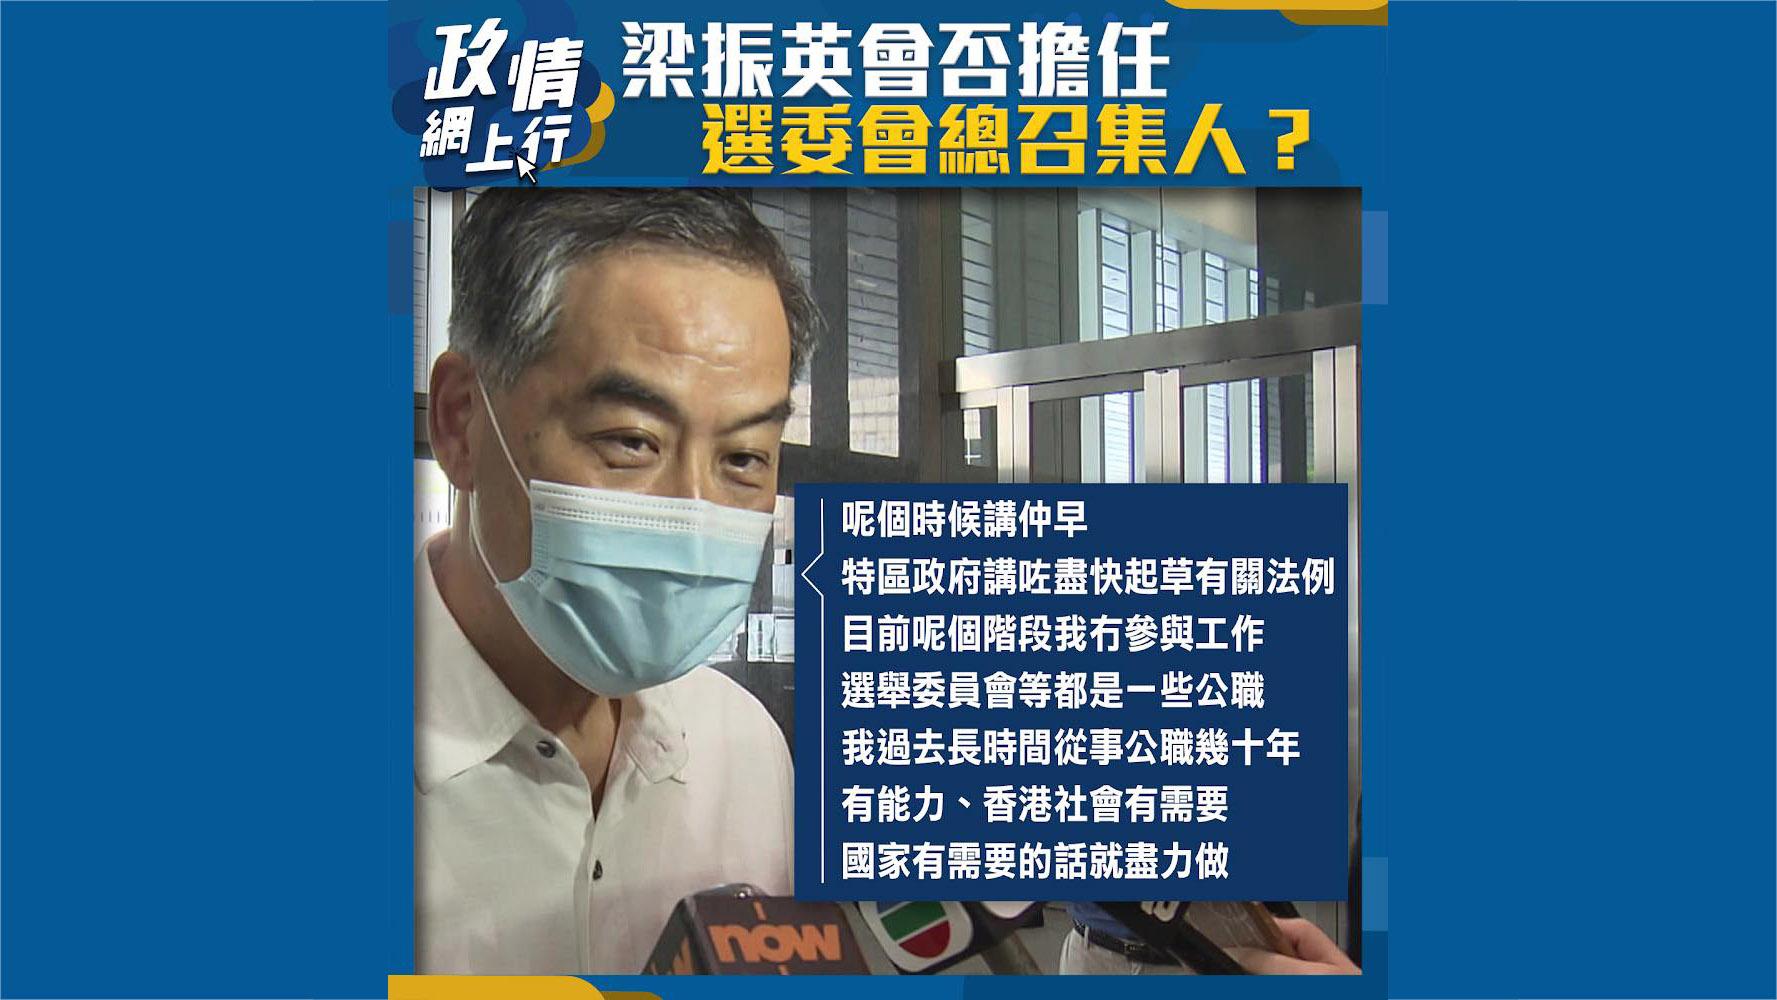 【政情網上行】梁振英會否擔任選委會總召集人?